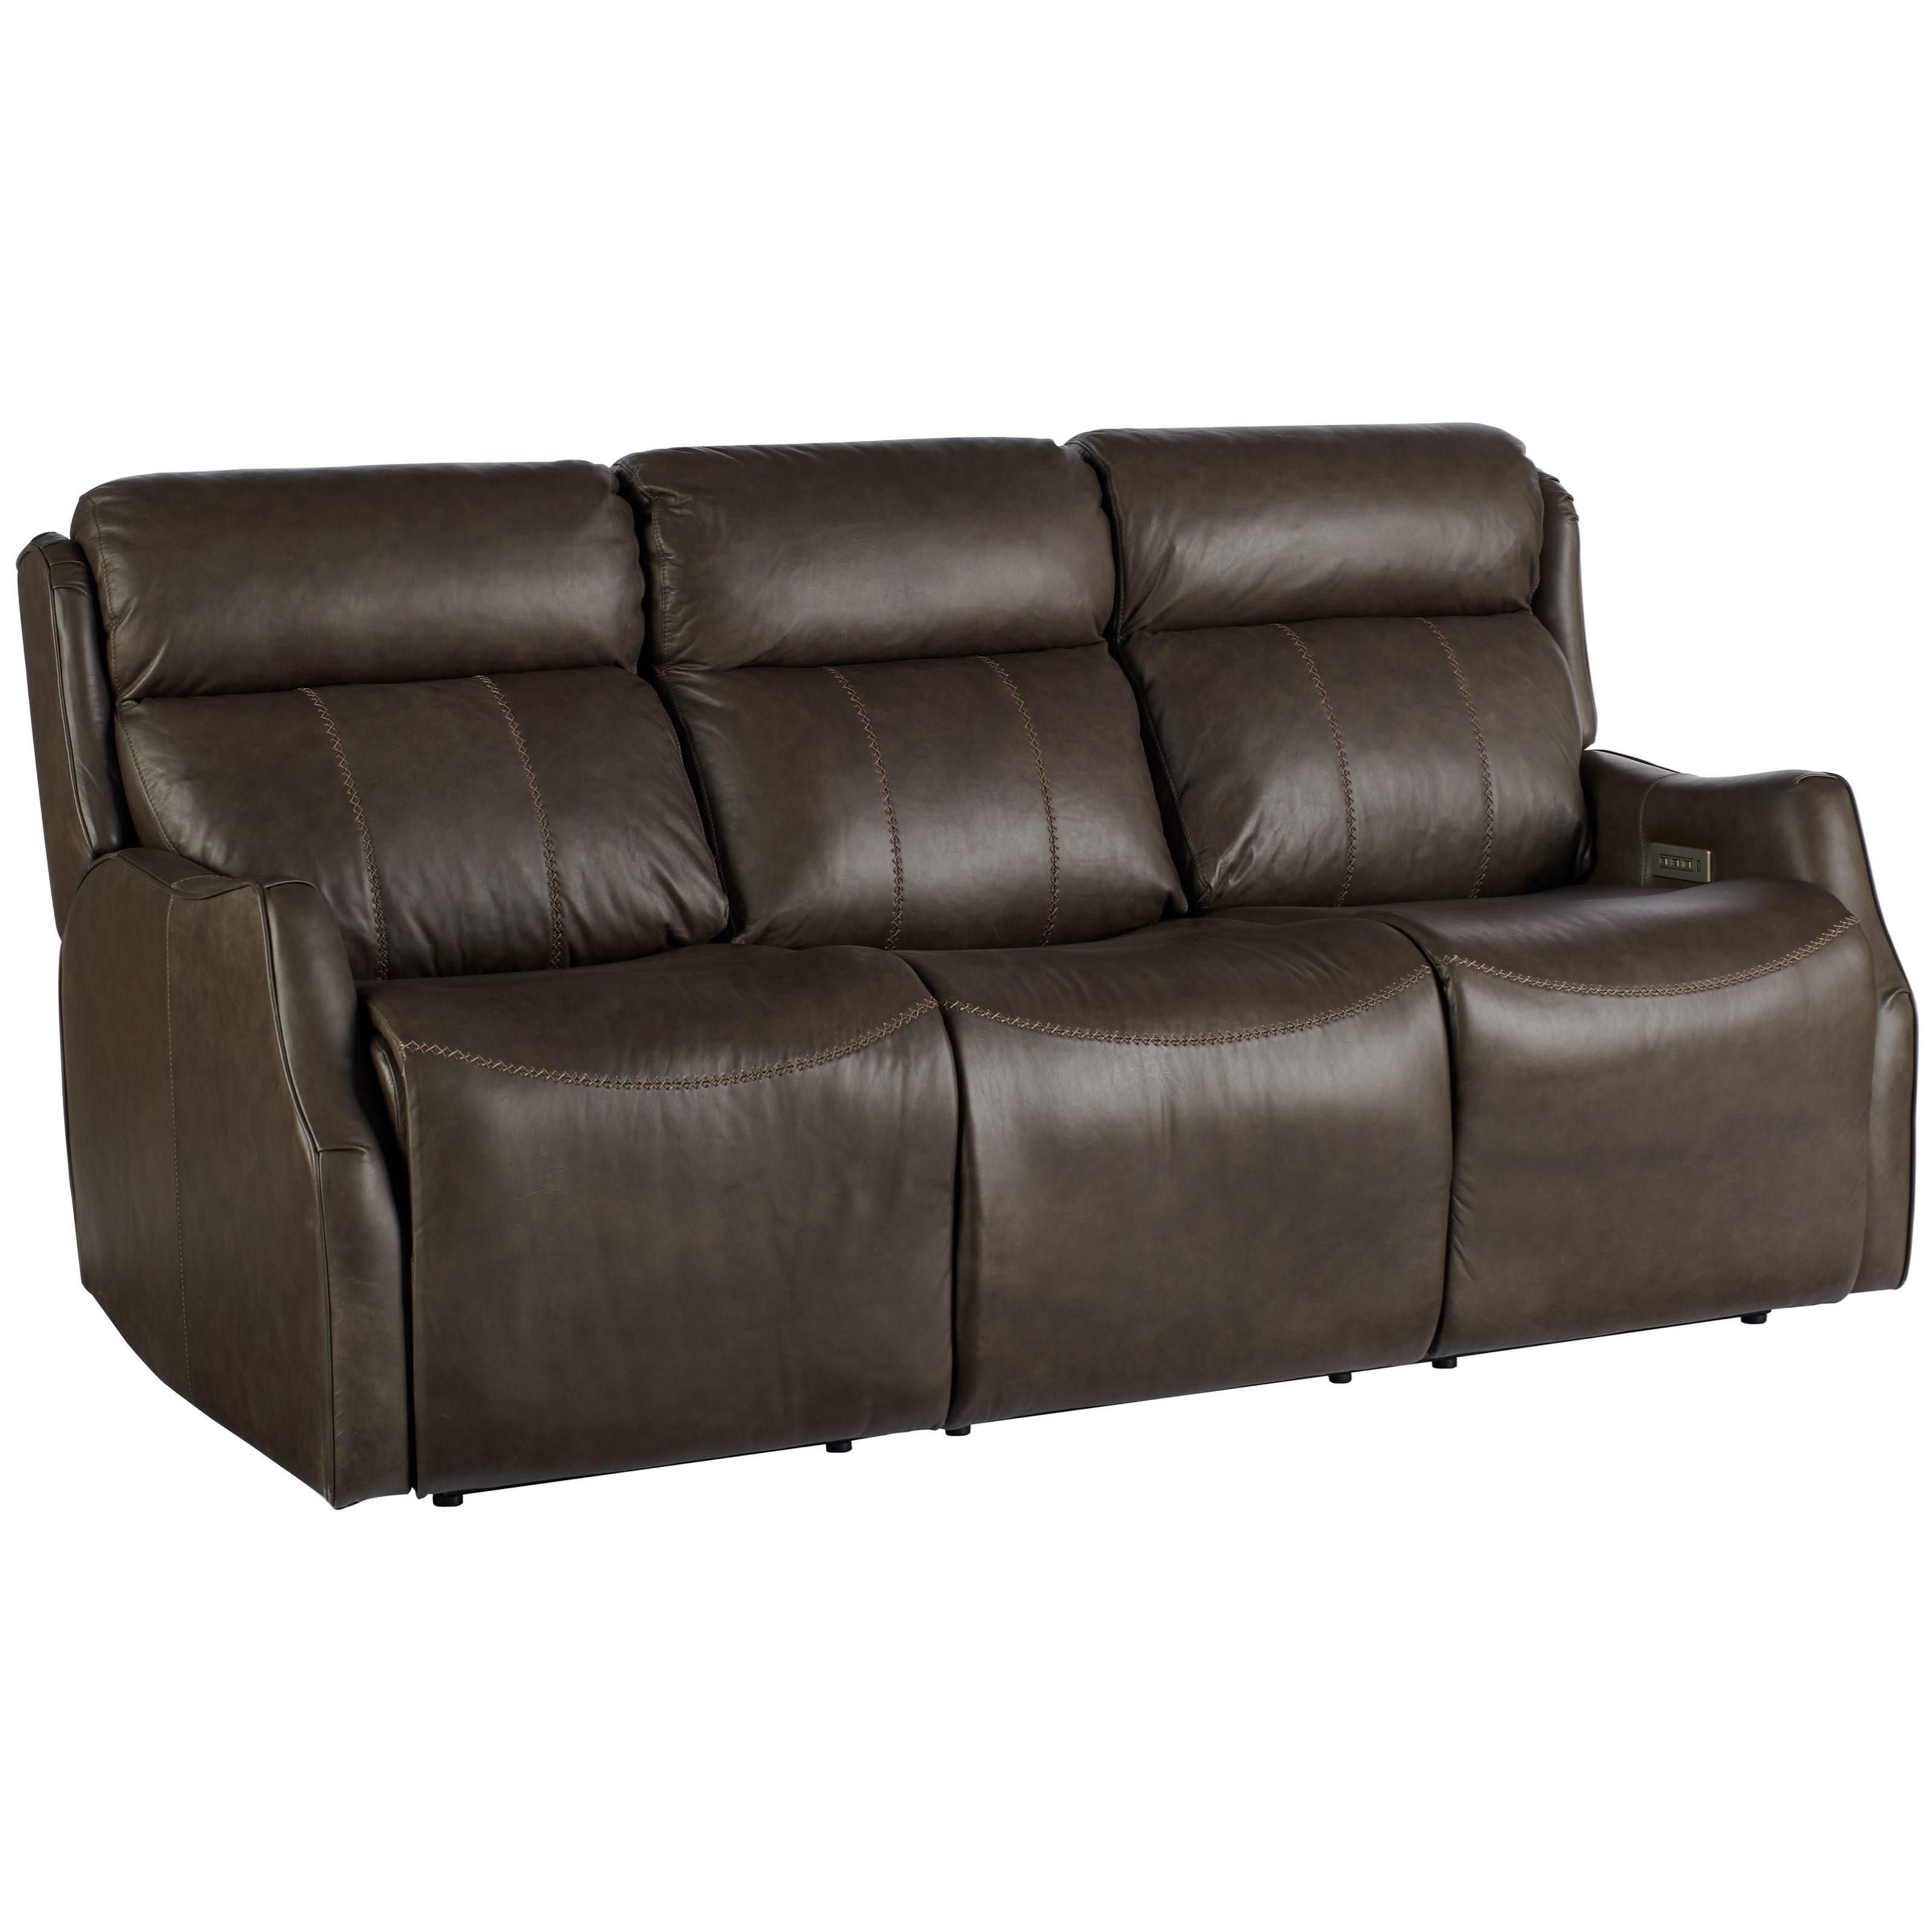 Watson Power Reclining Sofa